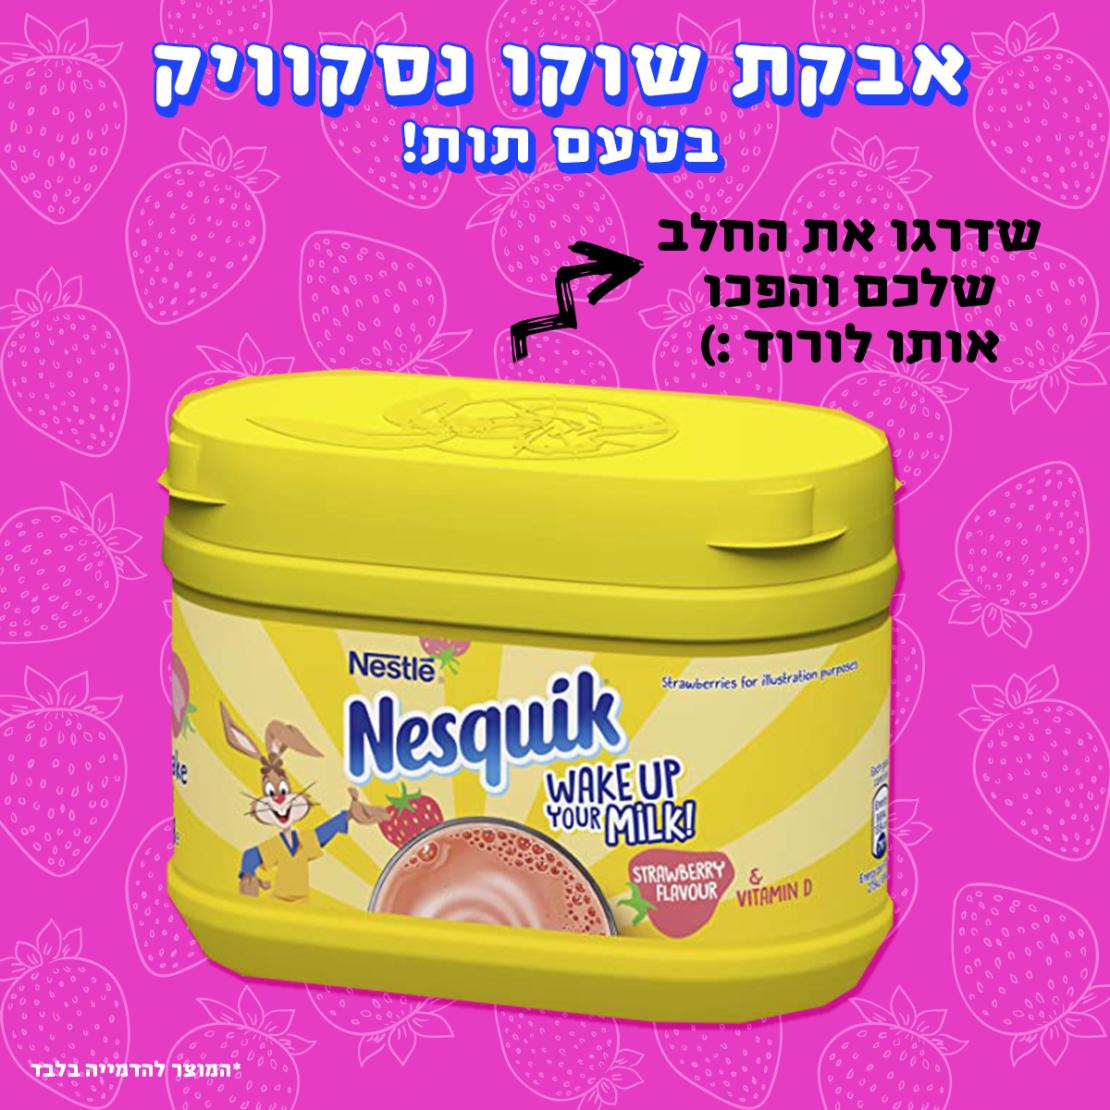 אבקת שוקו נסקוויק בטעם תות - Nesquik Strawberry